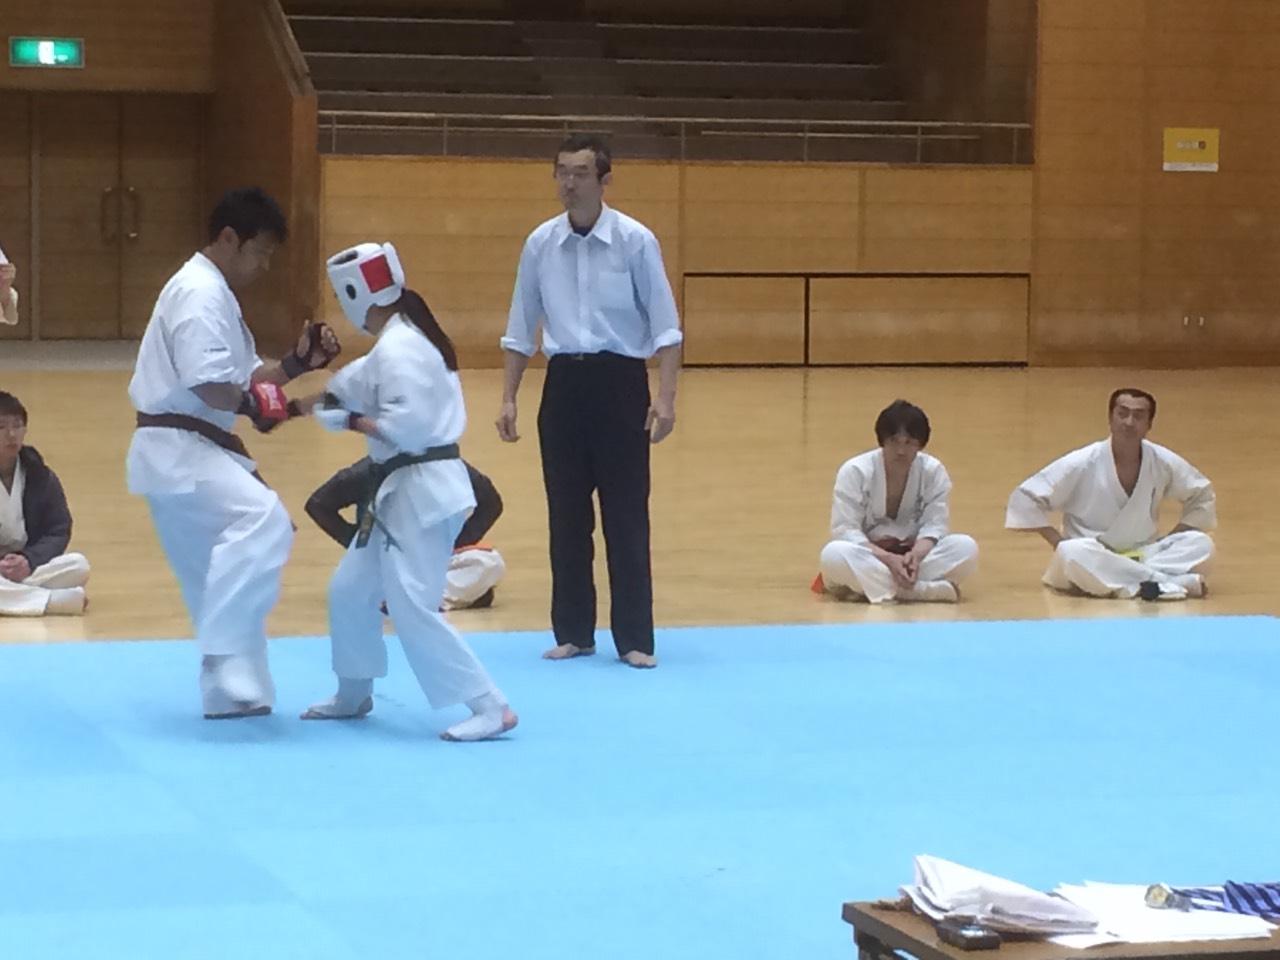 http://www.kyokushin-chibaminami.com/images/1451733836503.jpg